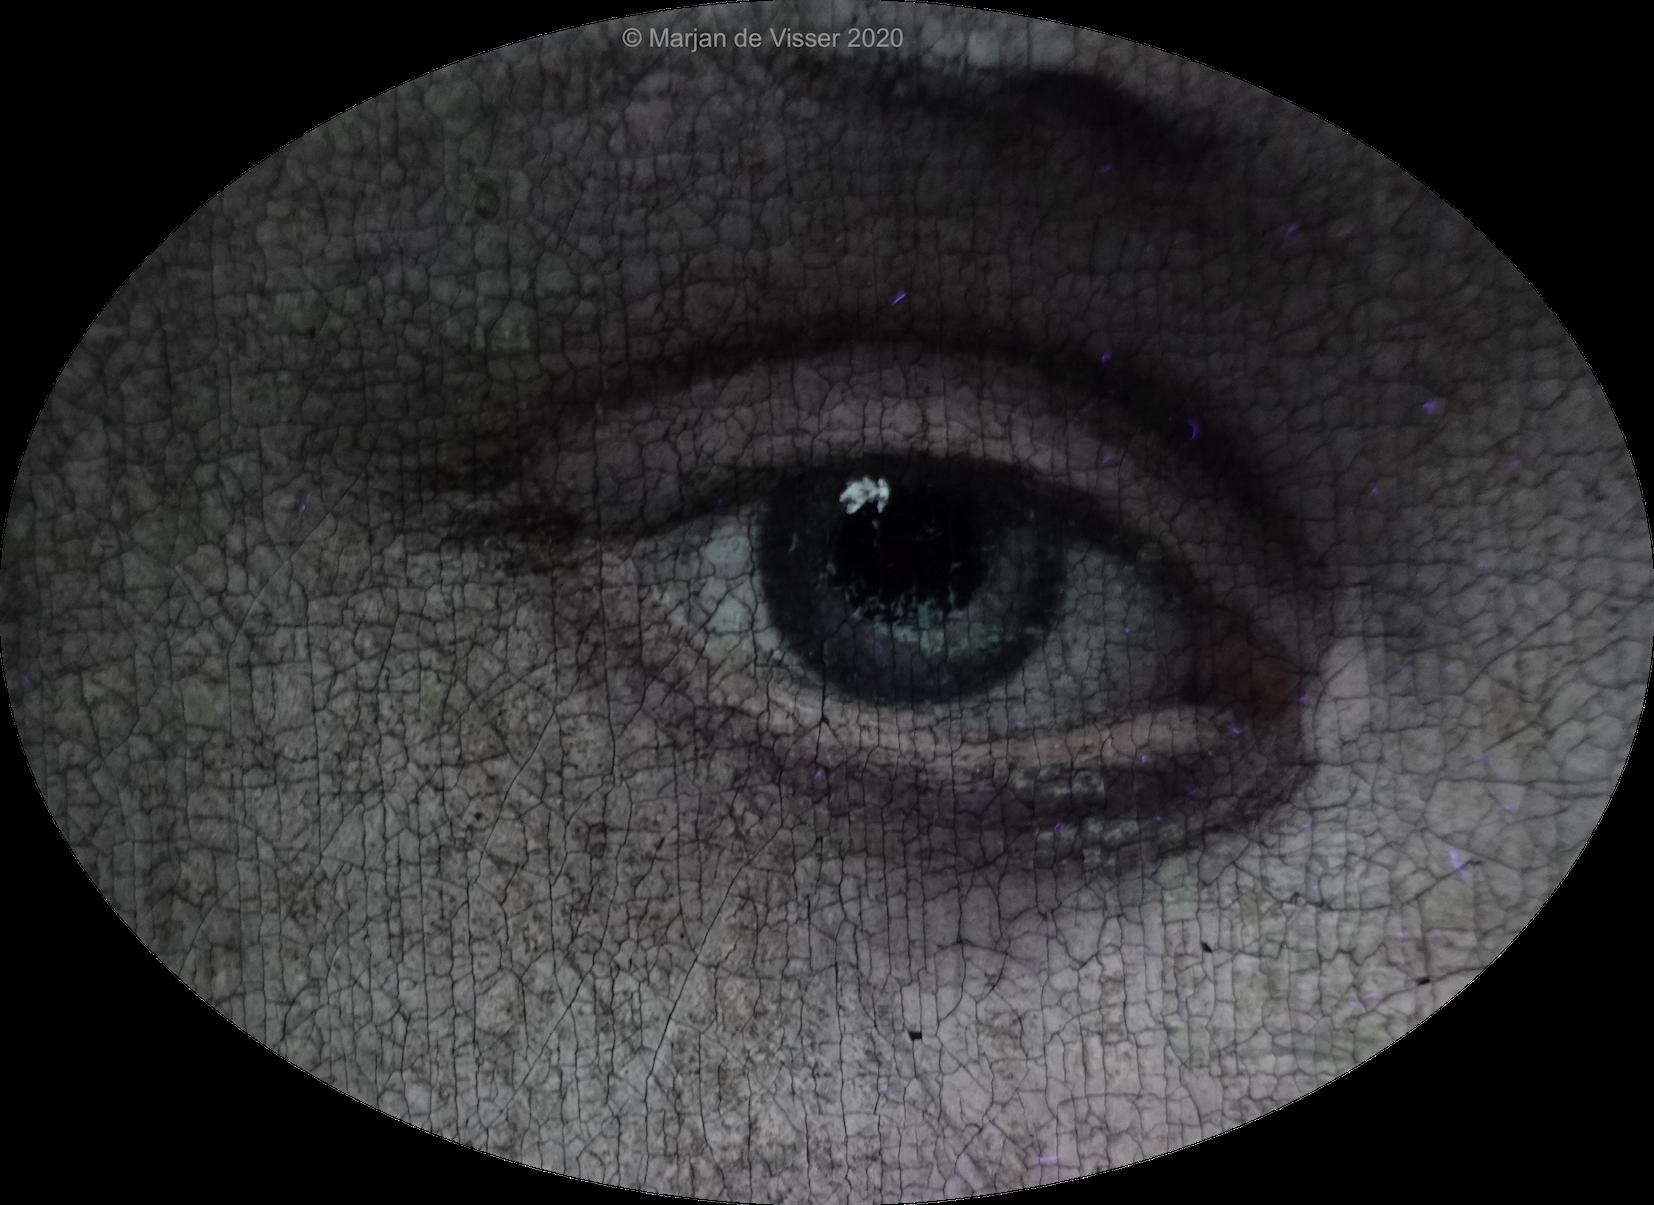 het oog van flora